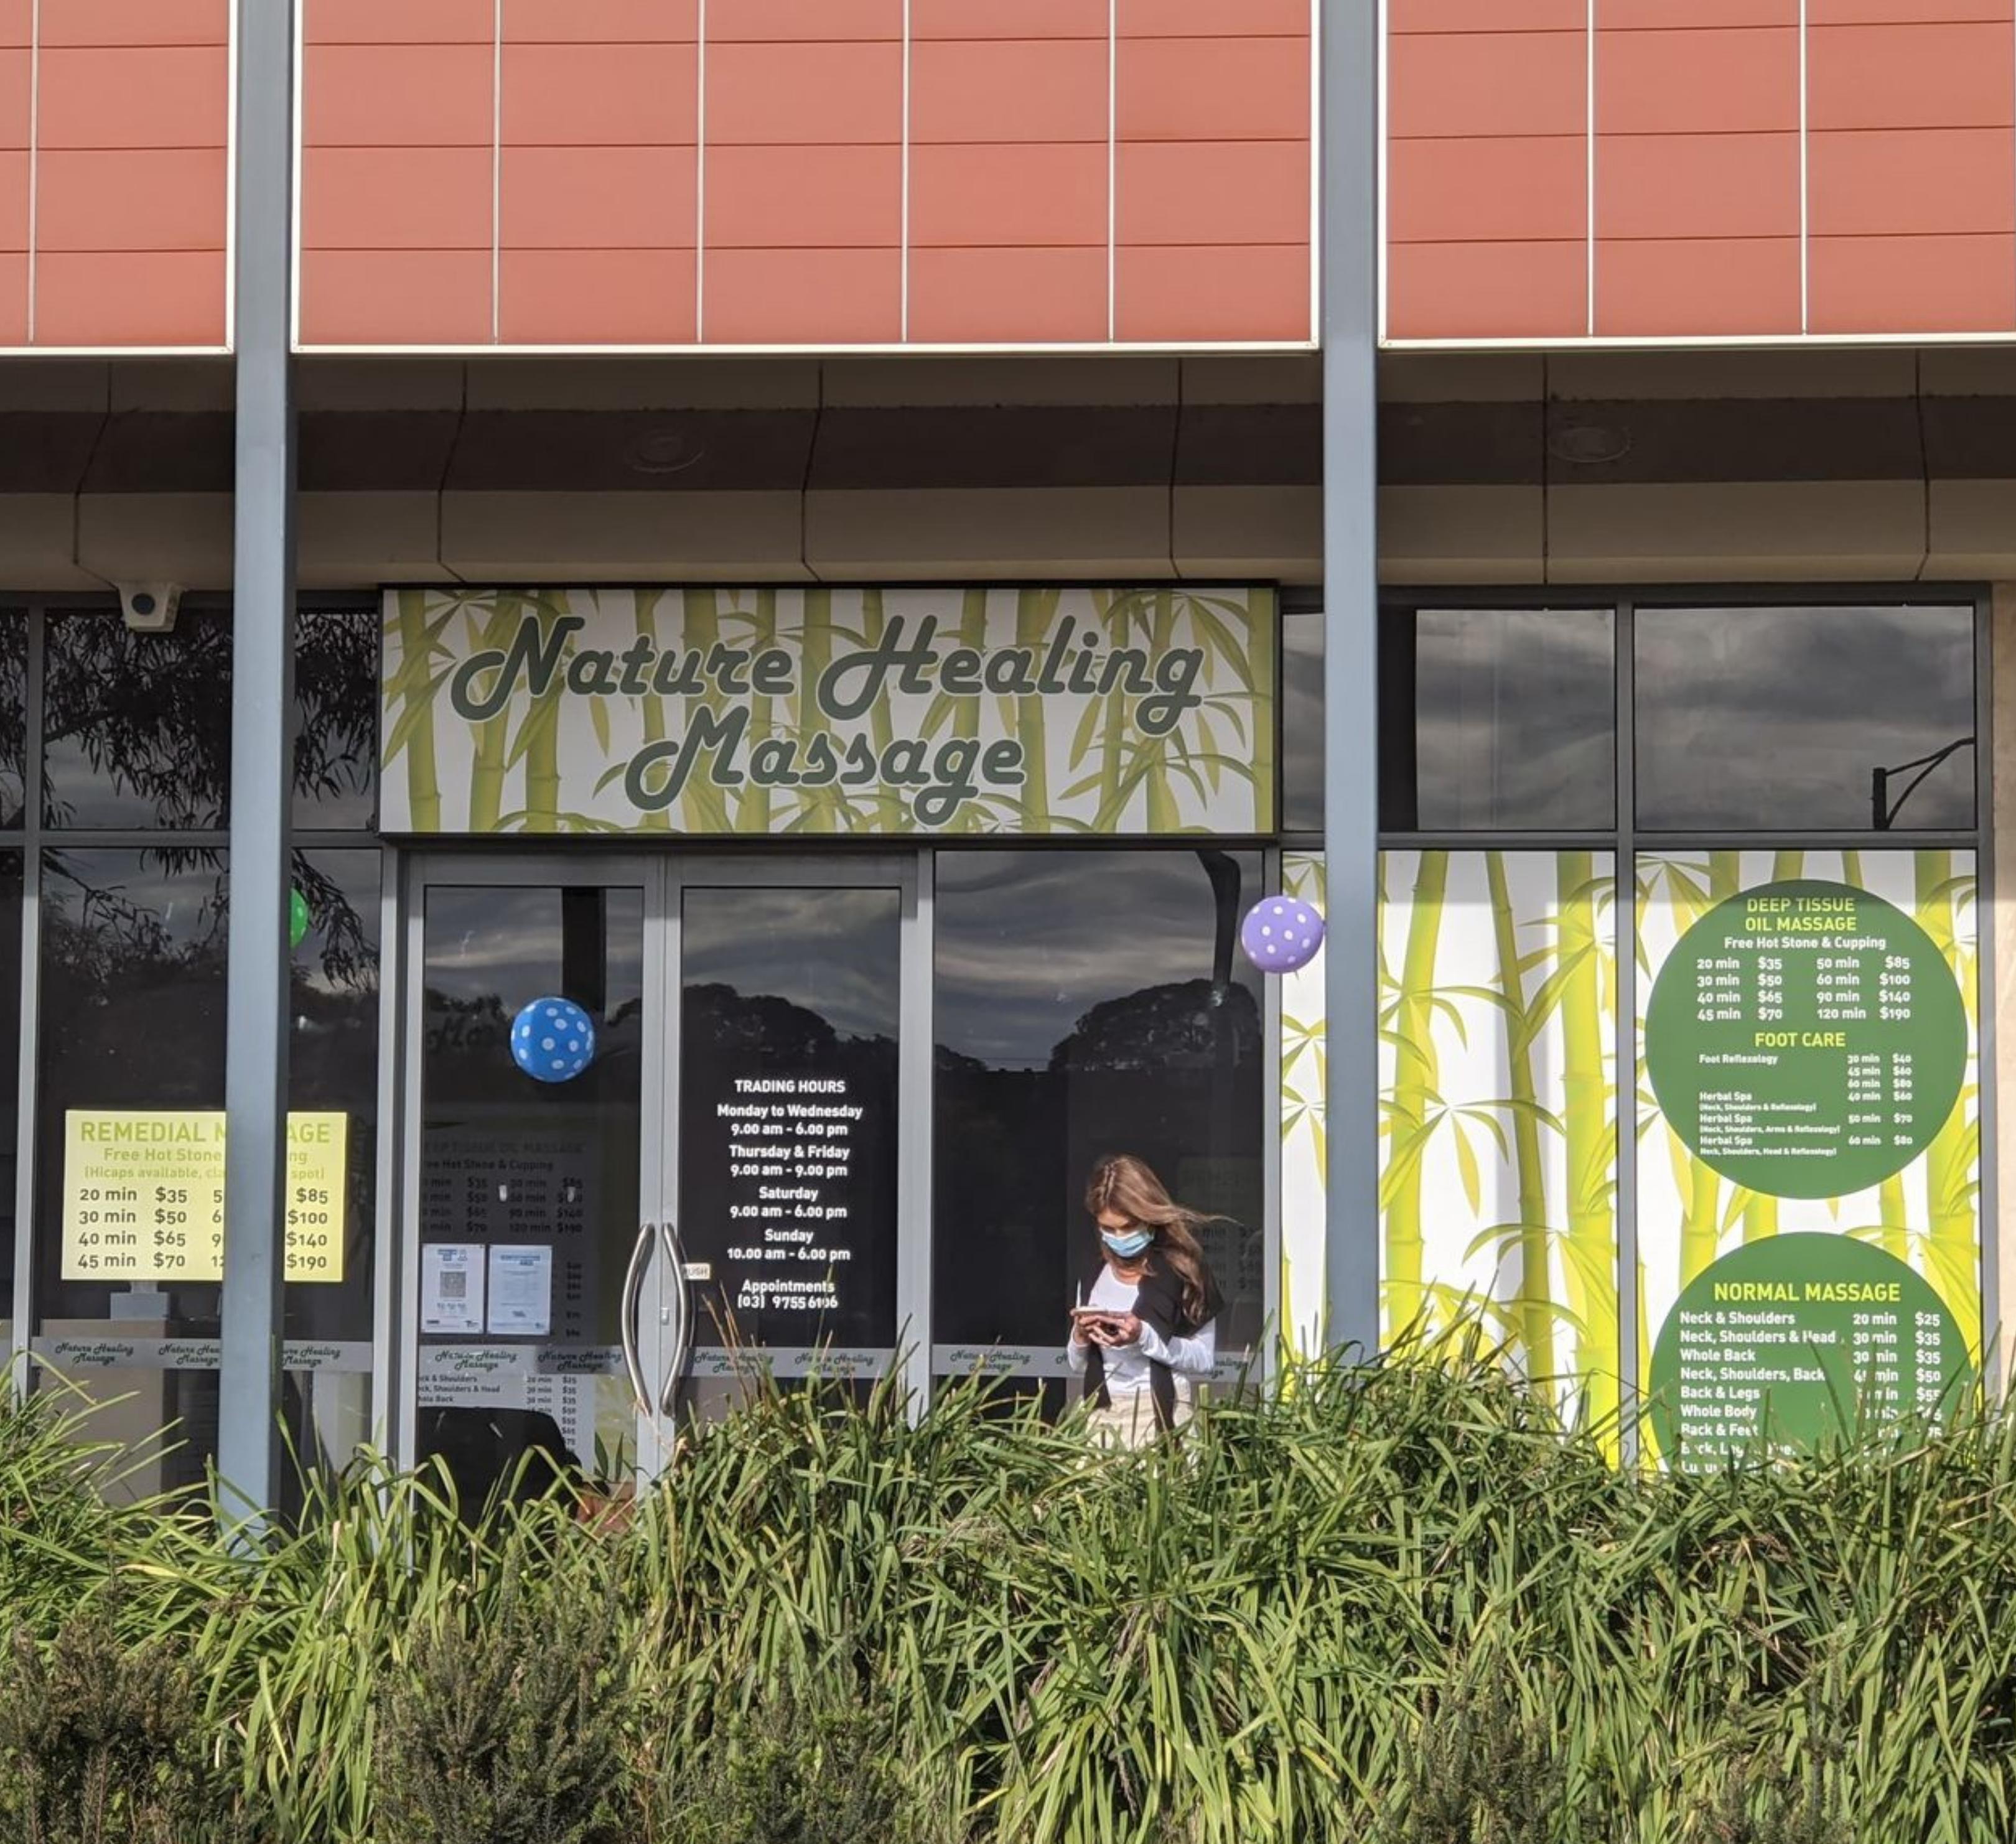 Image of Nature Healing Massage shopfront